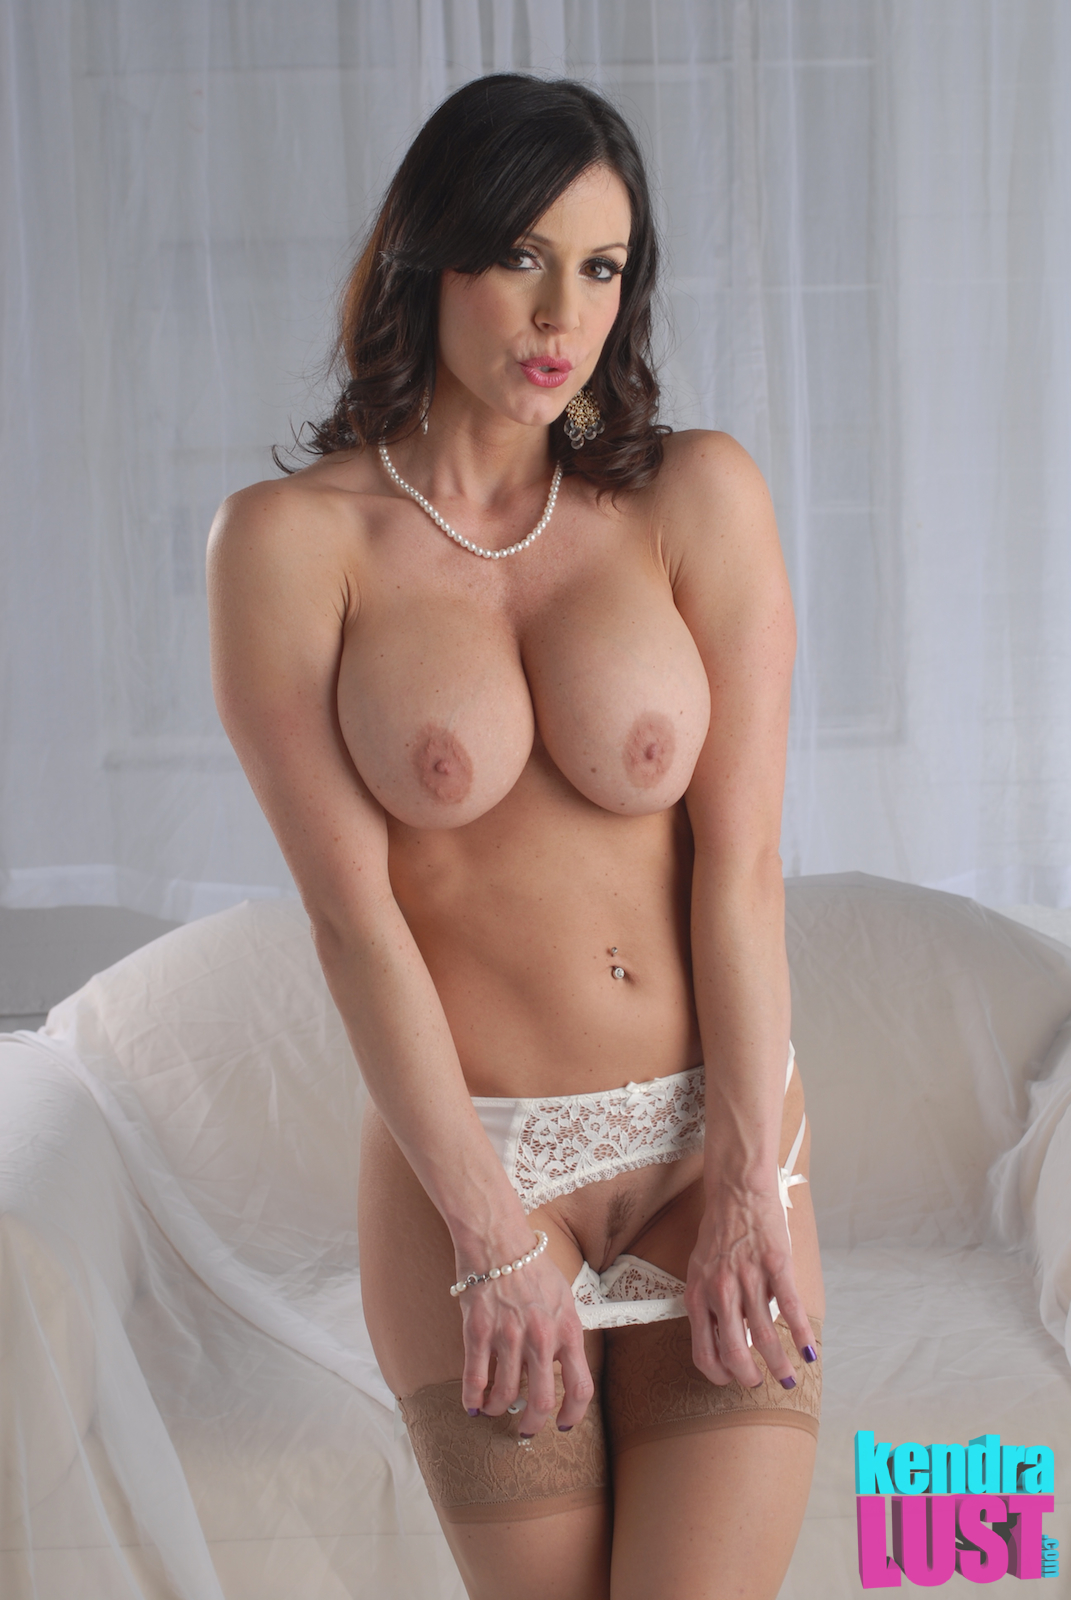 kendra white pornstar